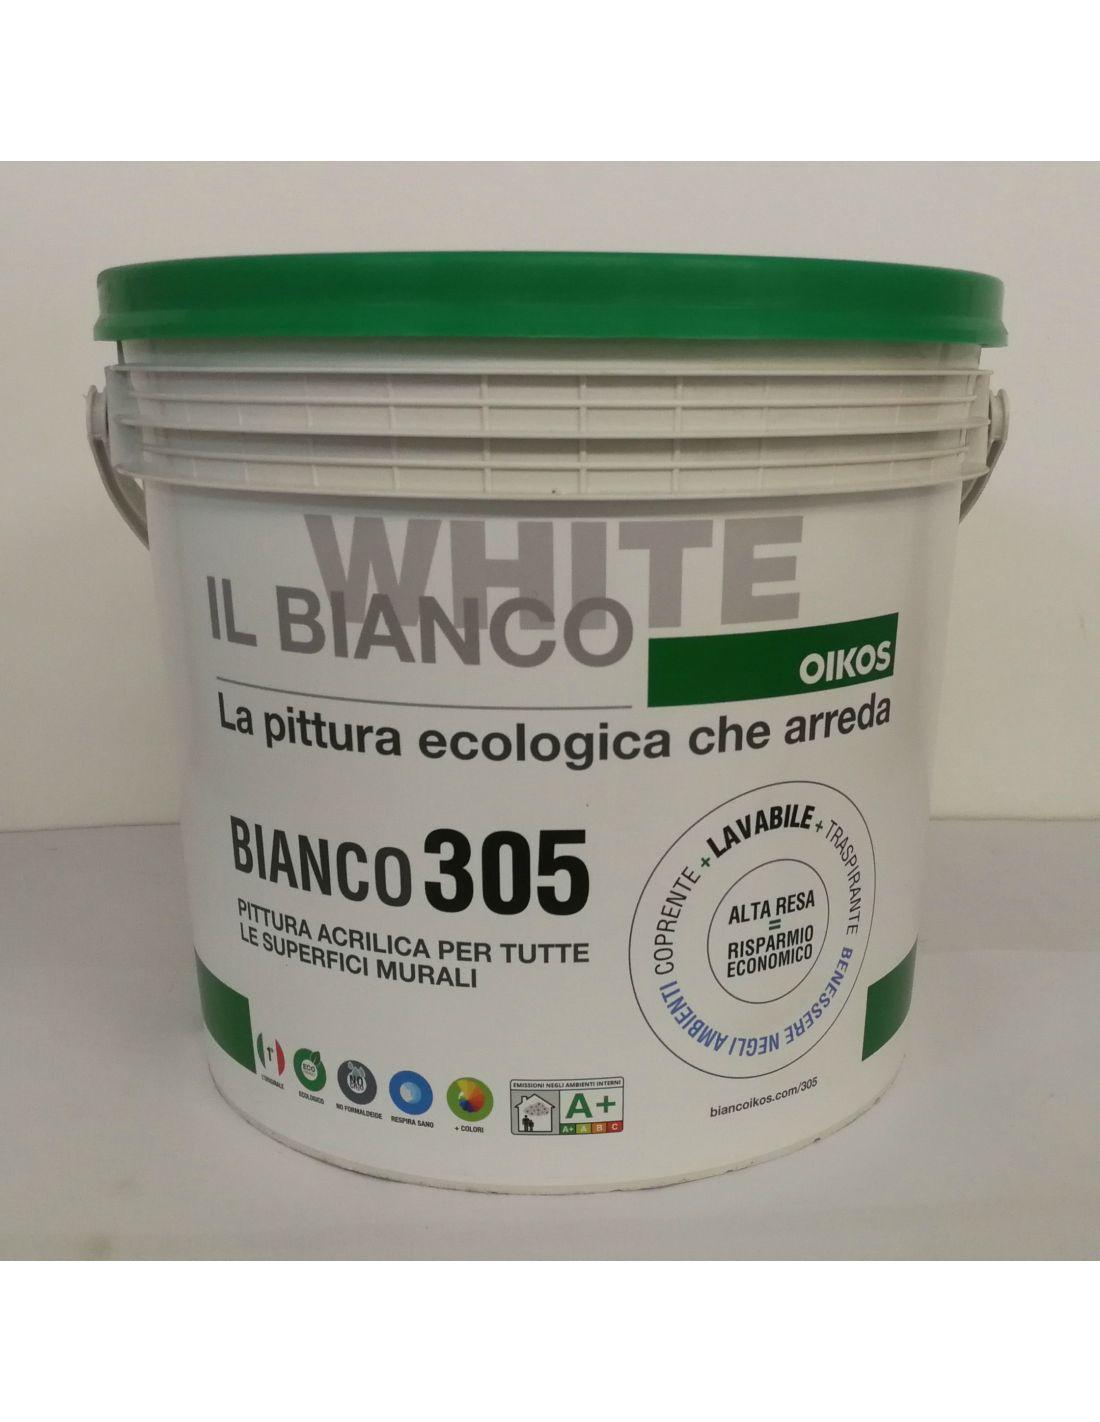 Migliore Pittura Per Interni bianco 305 by oikos, vendita online su esaem.it |solo qualità garantita